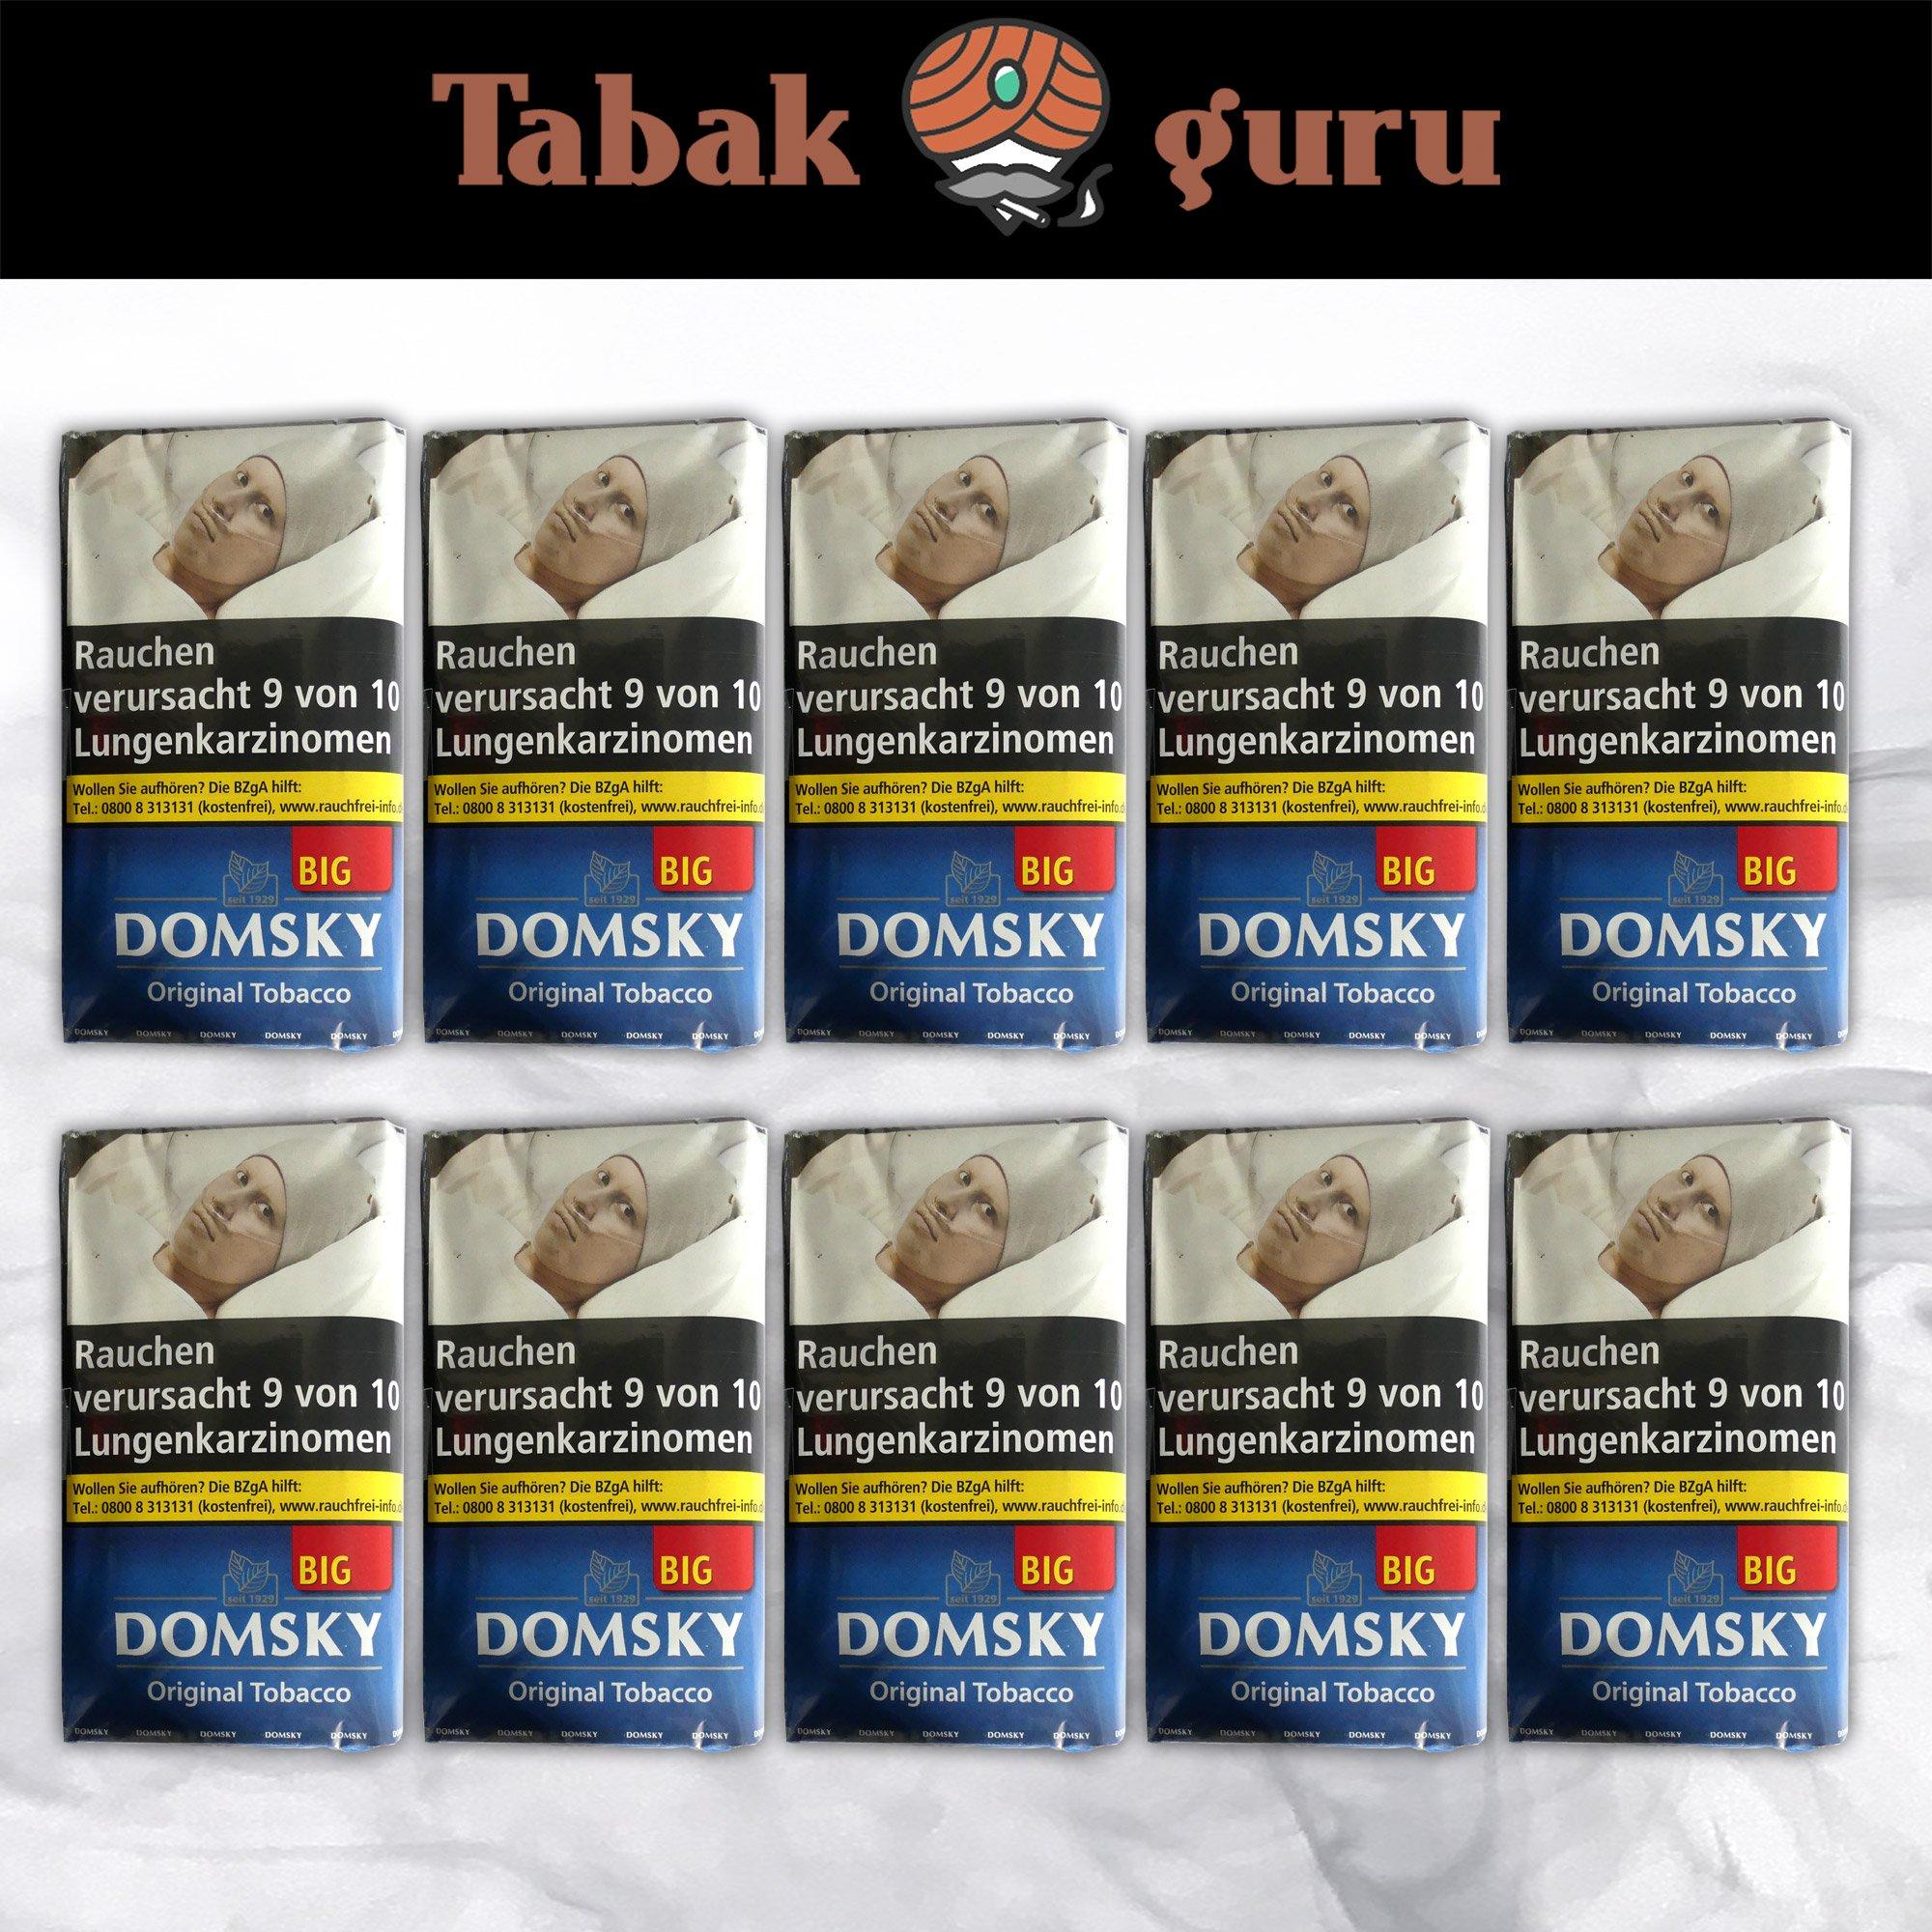 10 x DOMSKY Original Tobacco Drehtabak BIG 50 g